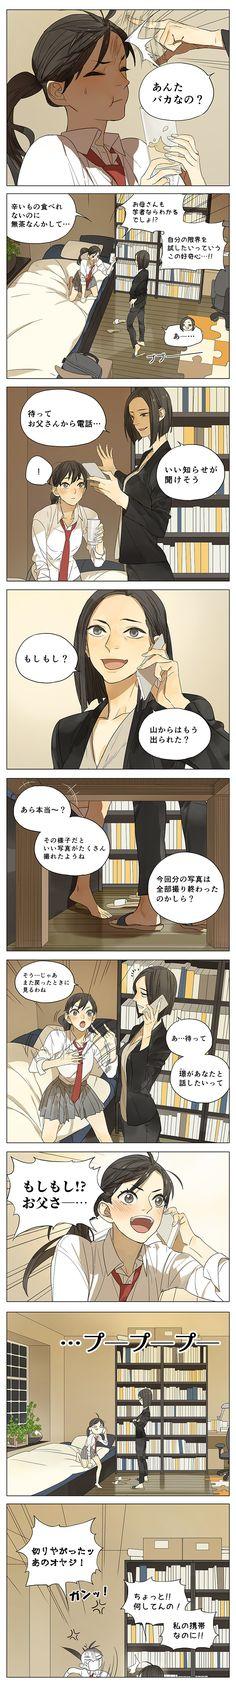 她们的故事/坛九/their story/tanjiu/彼女たちの物語/日本語に訳してみた/十三話③